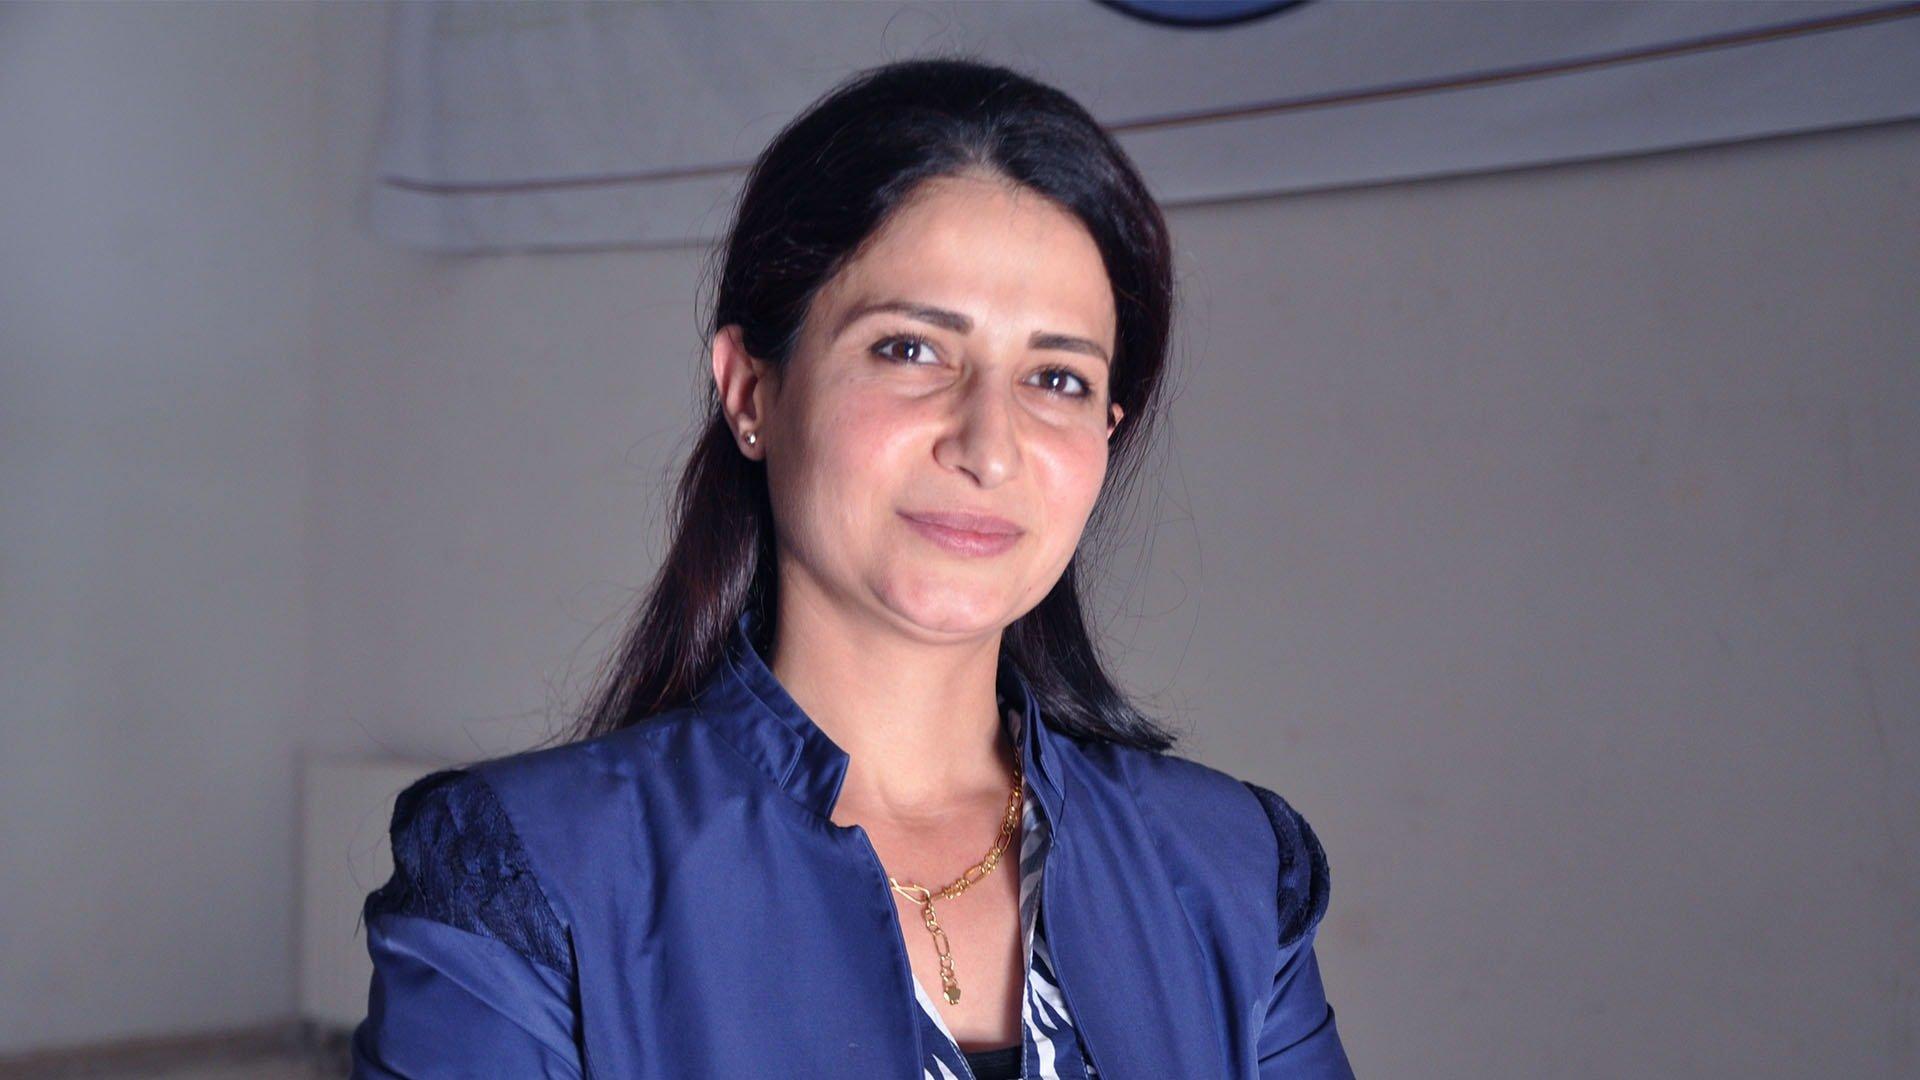 Hevrin Khalaf è stata uccisa a ottobre 2019